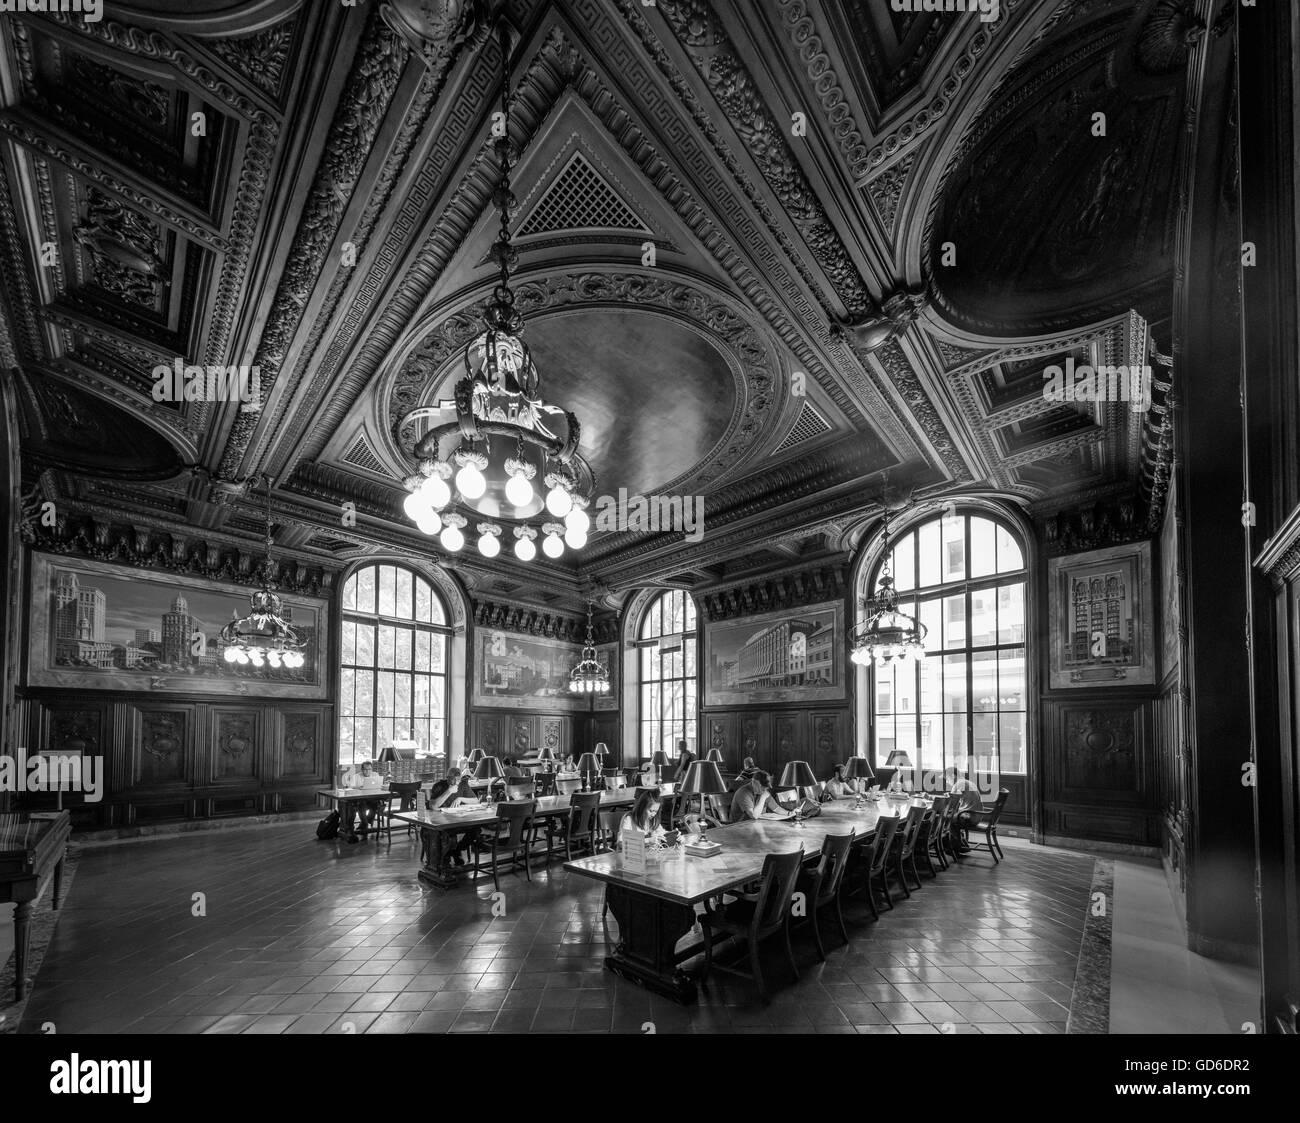 Der New York Public Library (NYPL) ist eine öffentliche Bibliothek in New York City. Stockbild